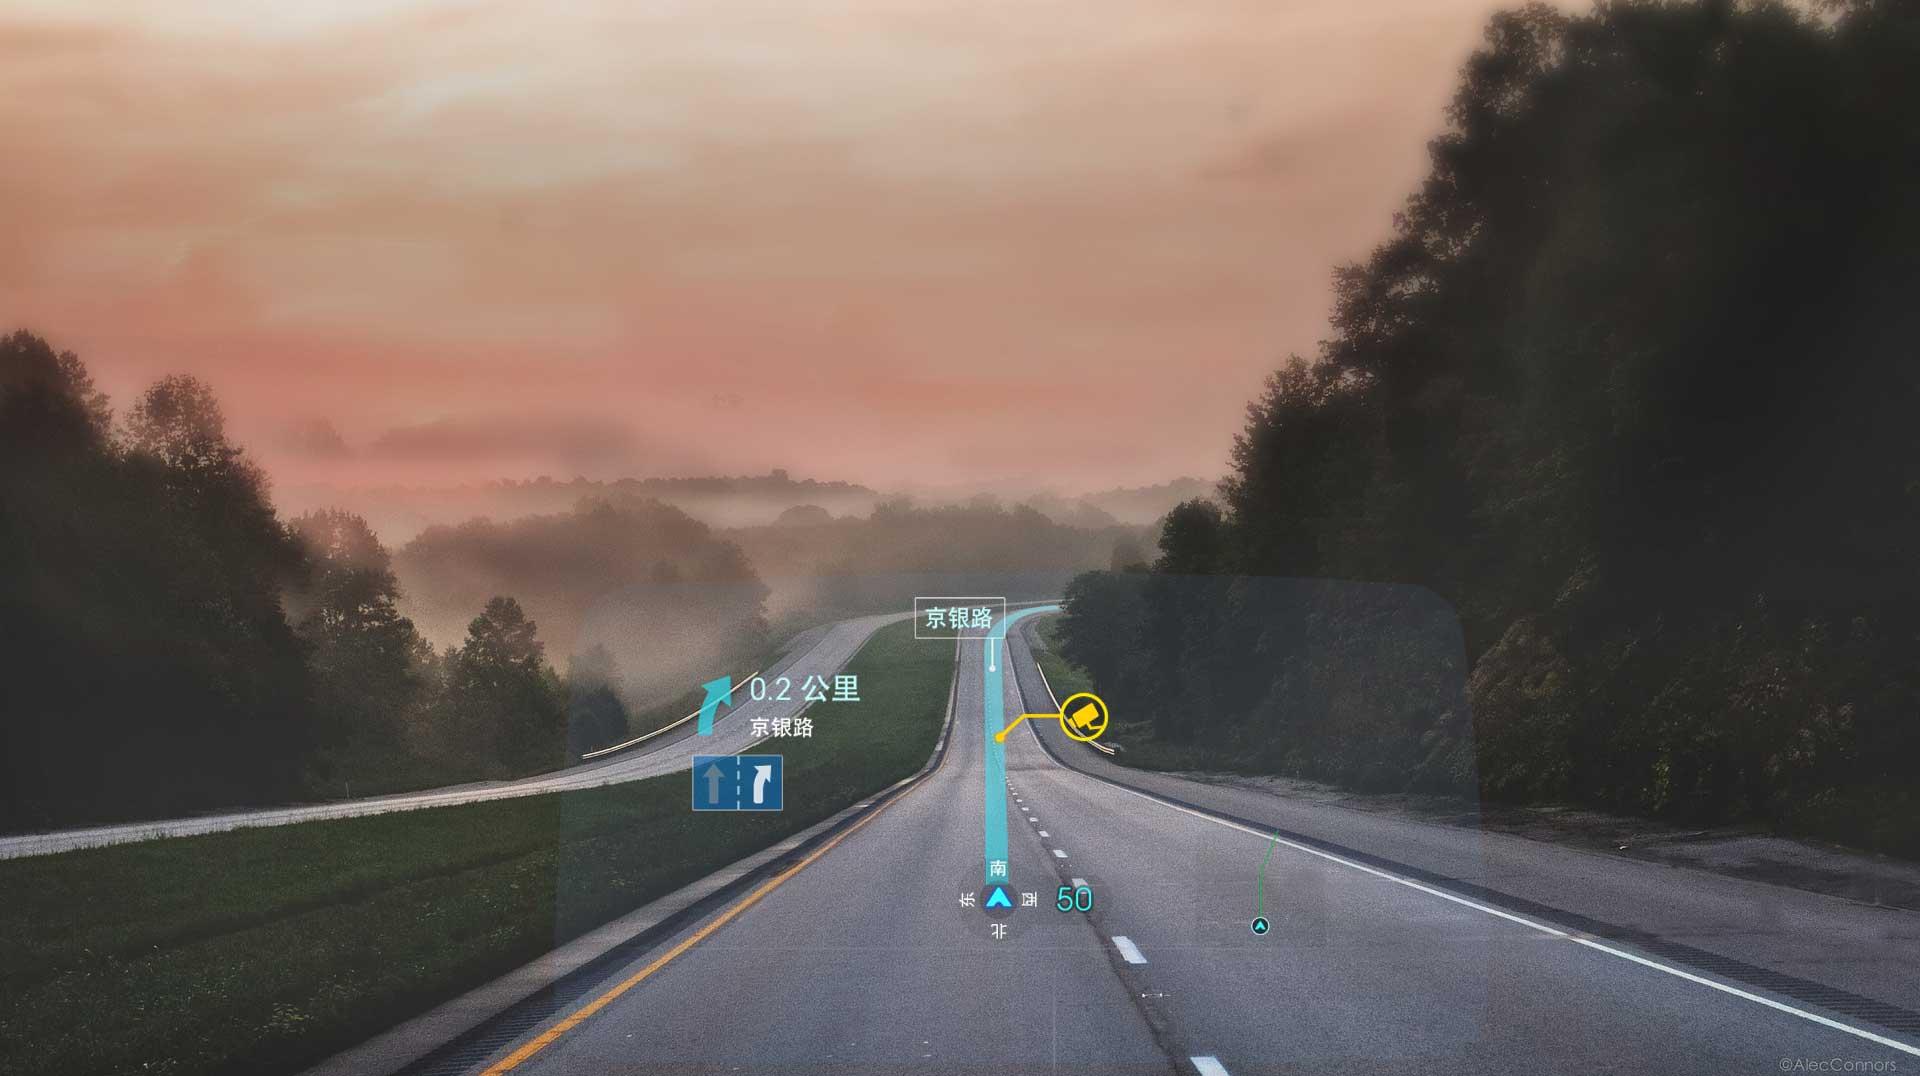 CarRobot navigation